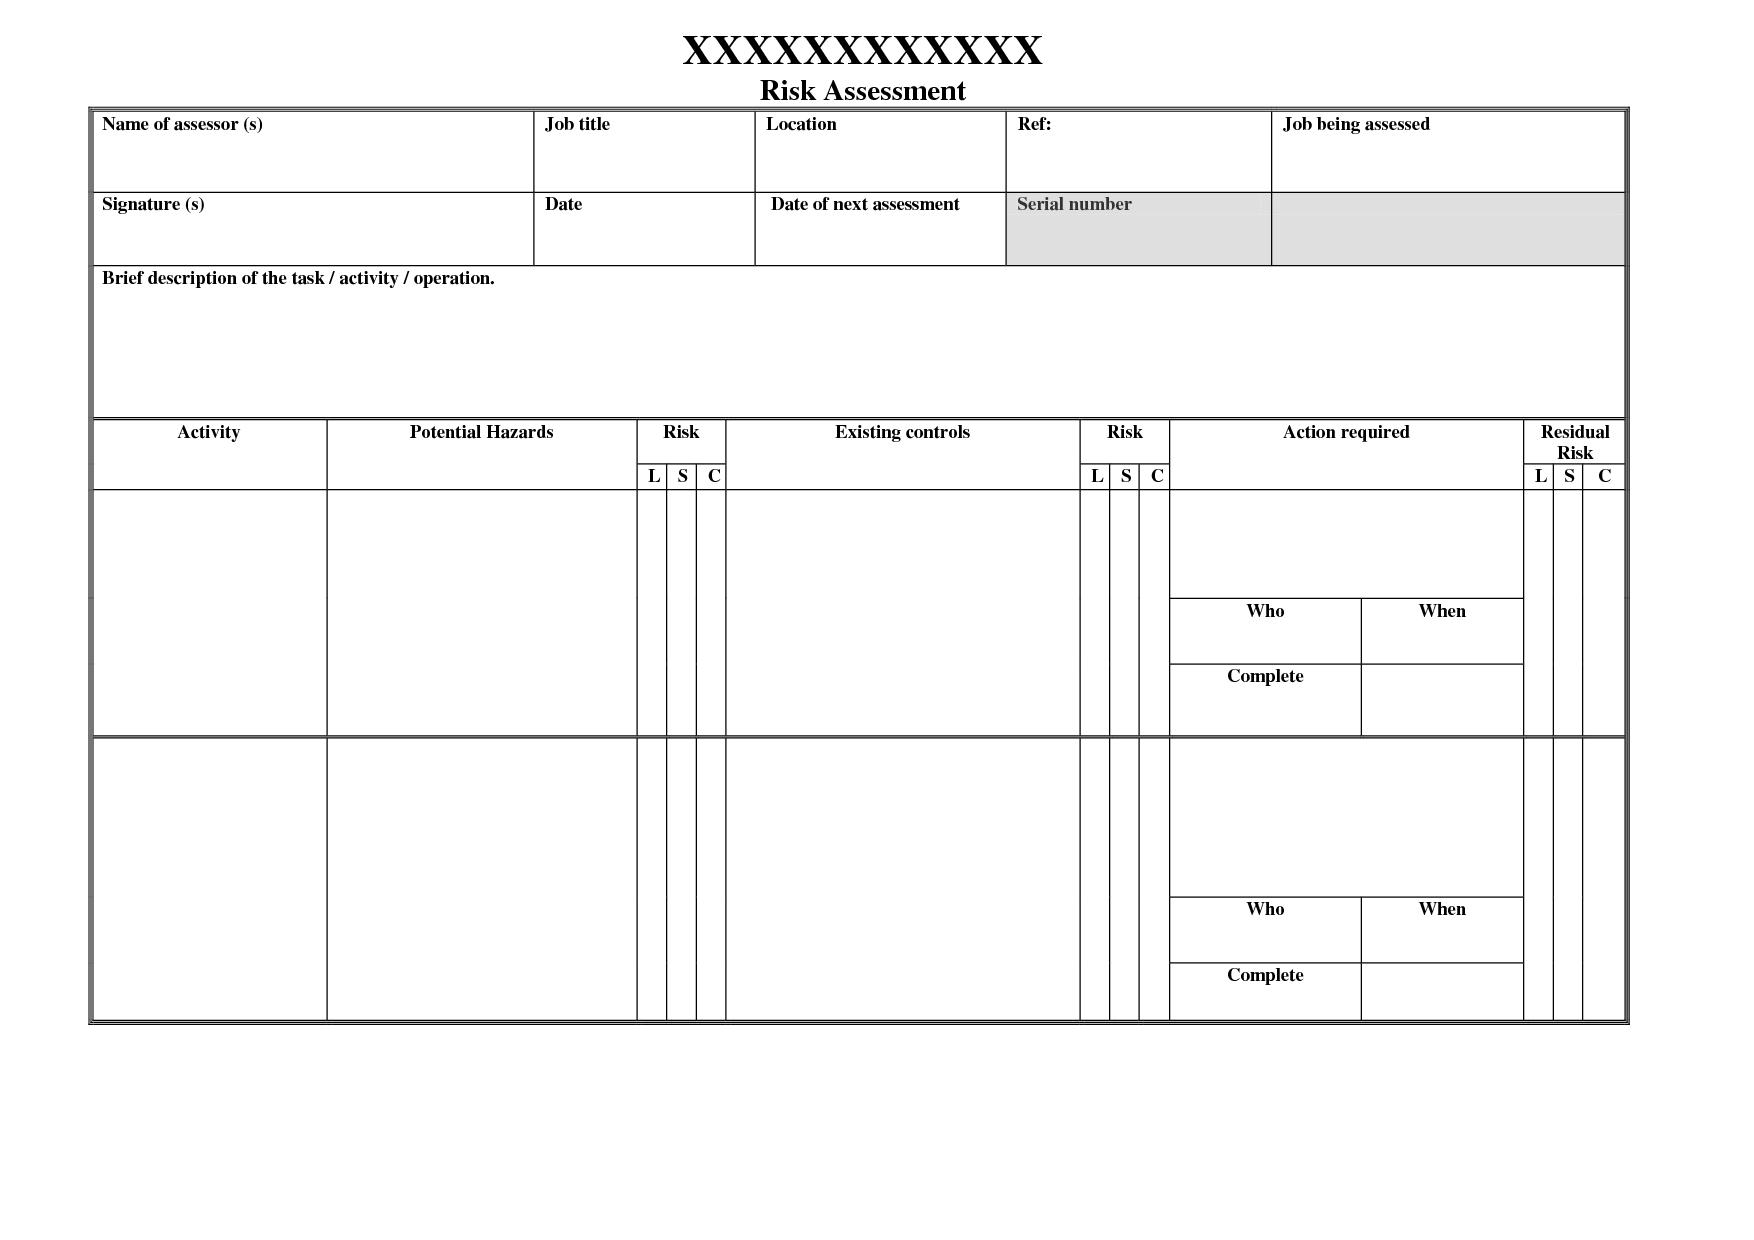 data center risk assessment template - blank risk assessment invitation templates designsearch